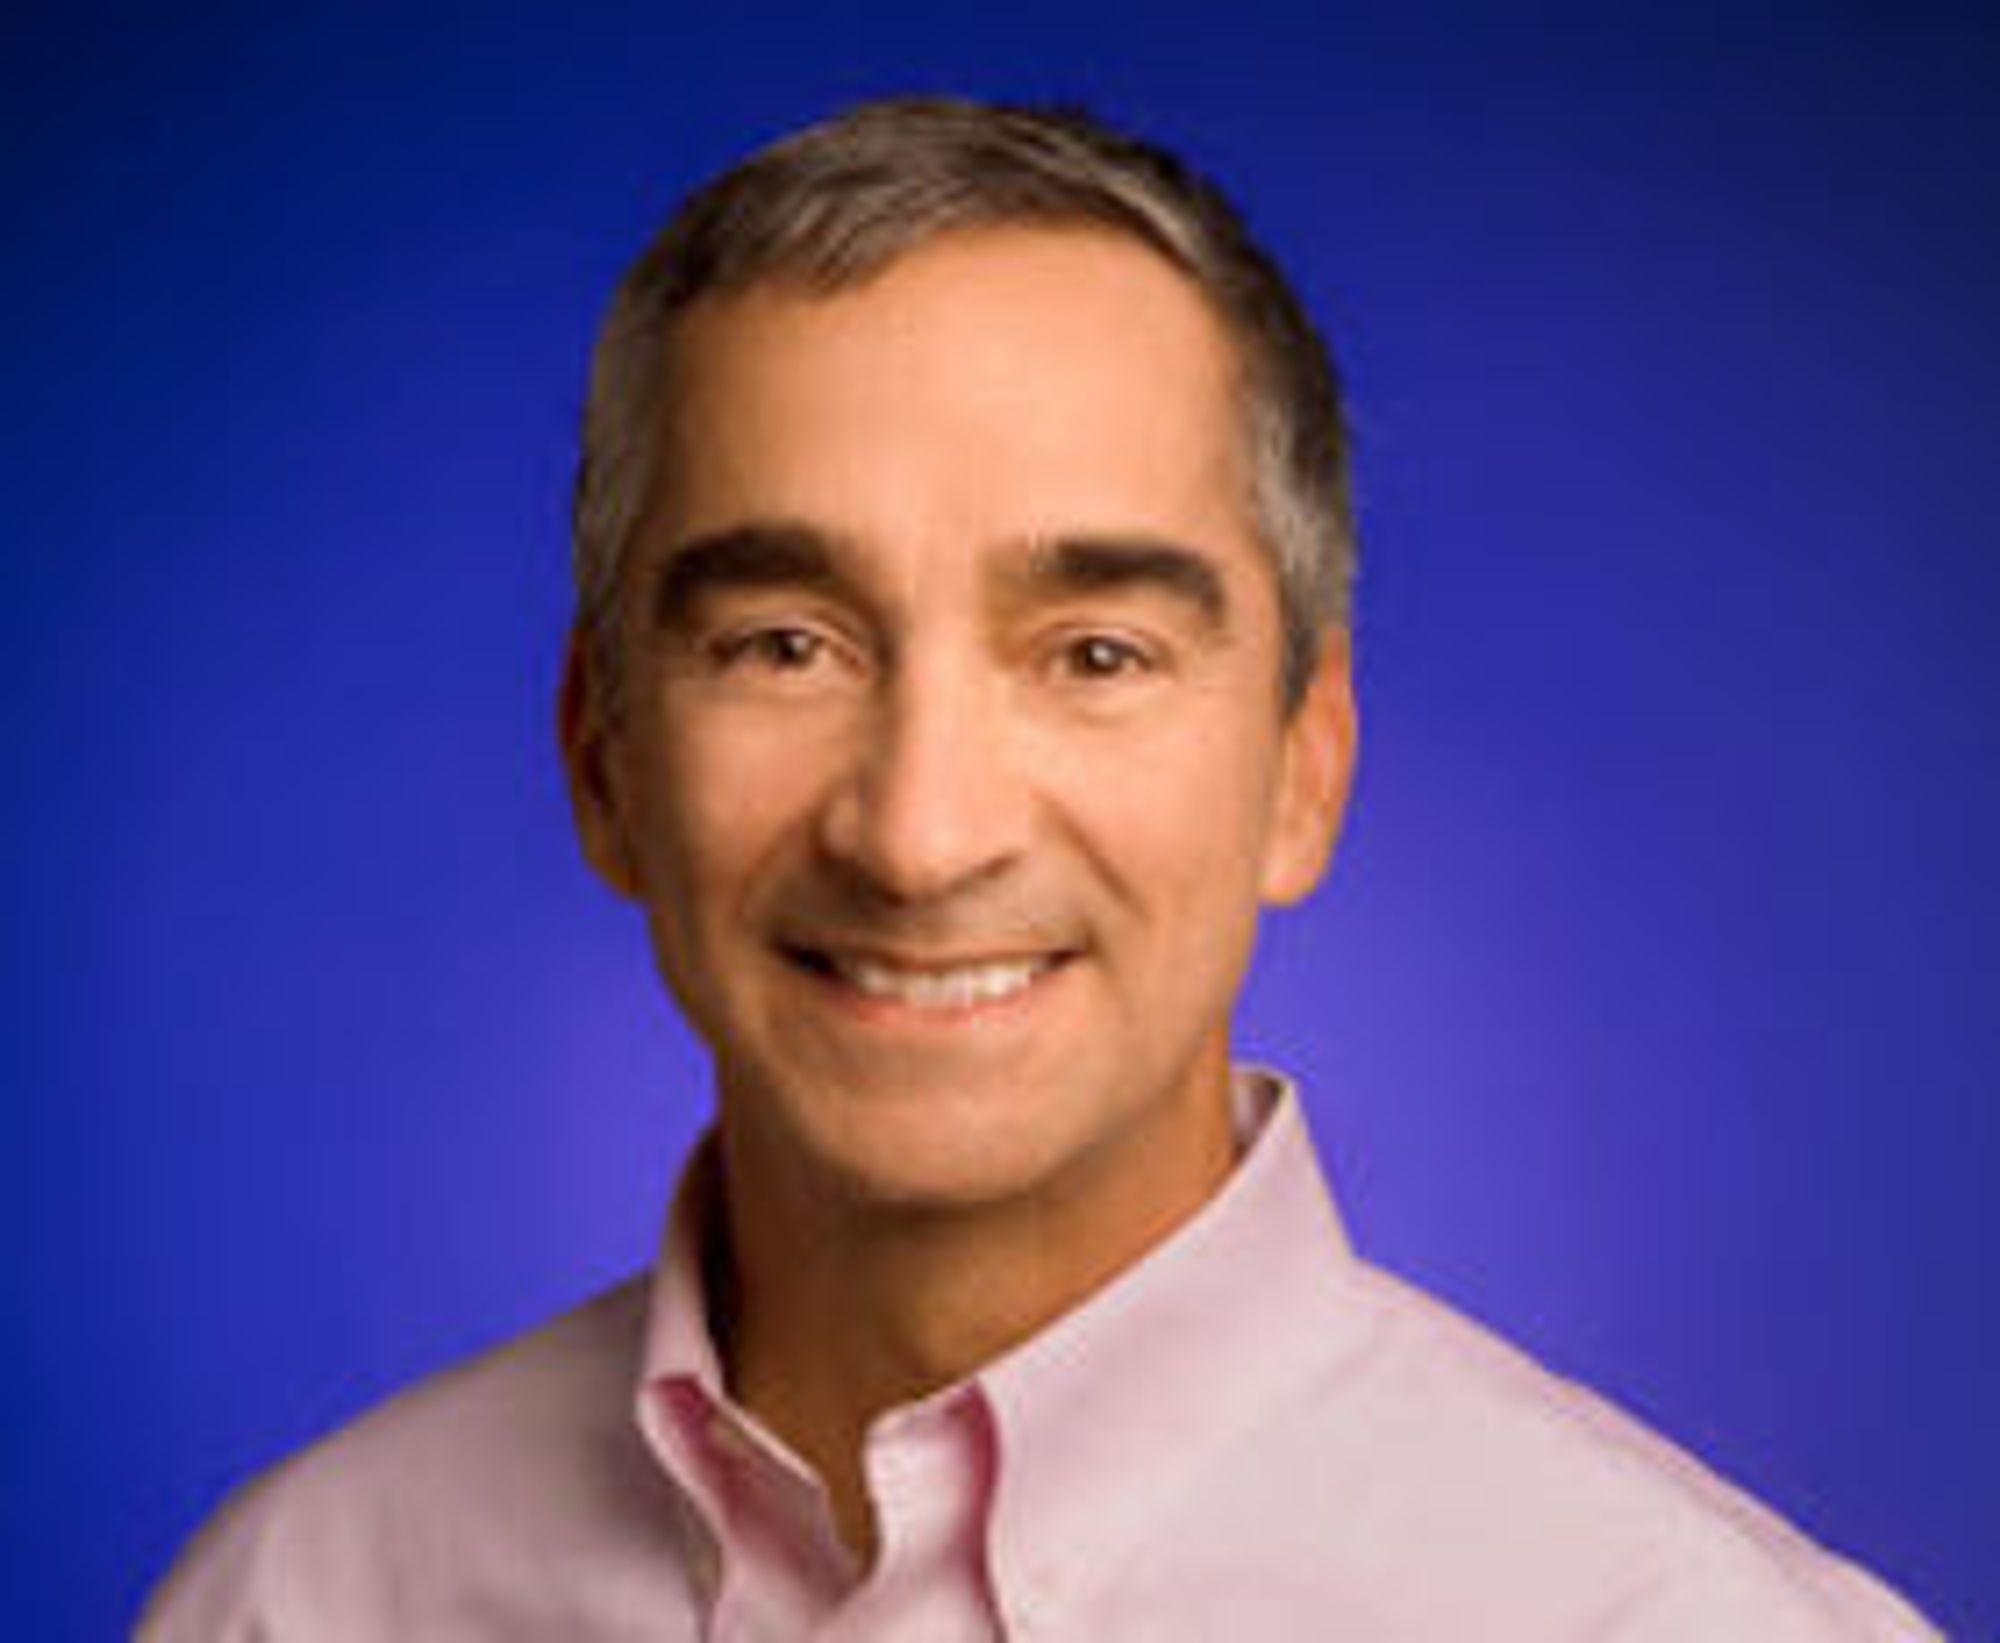 Patrick Pichette er finansdirektør i Google.